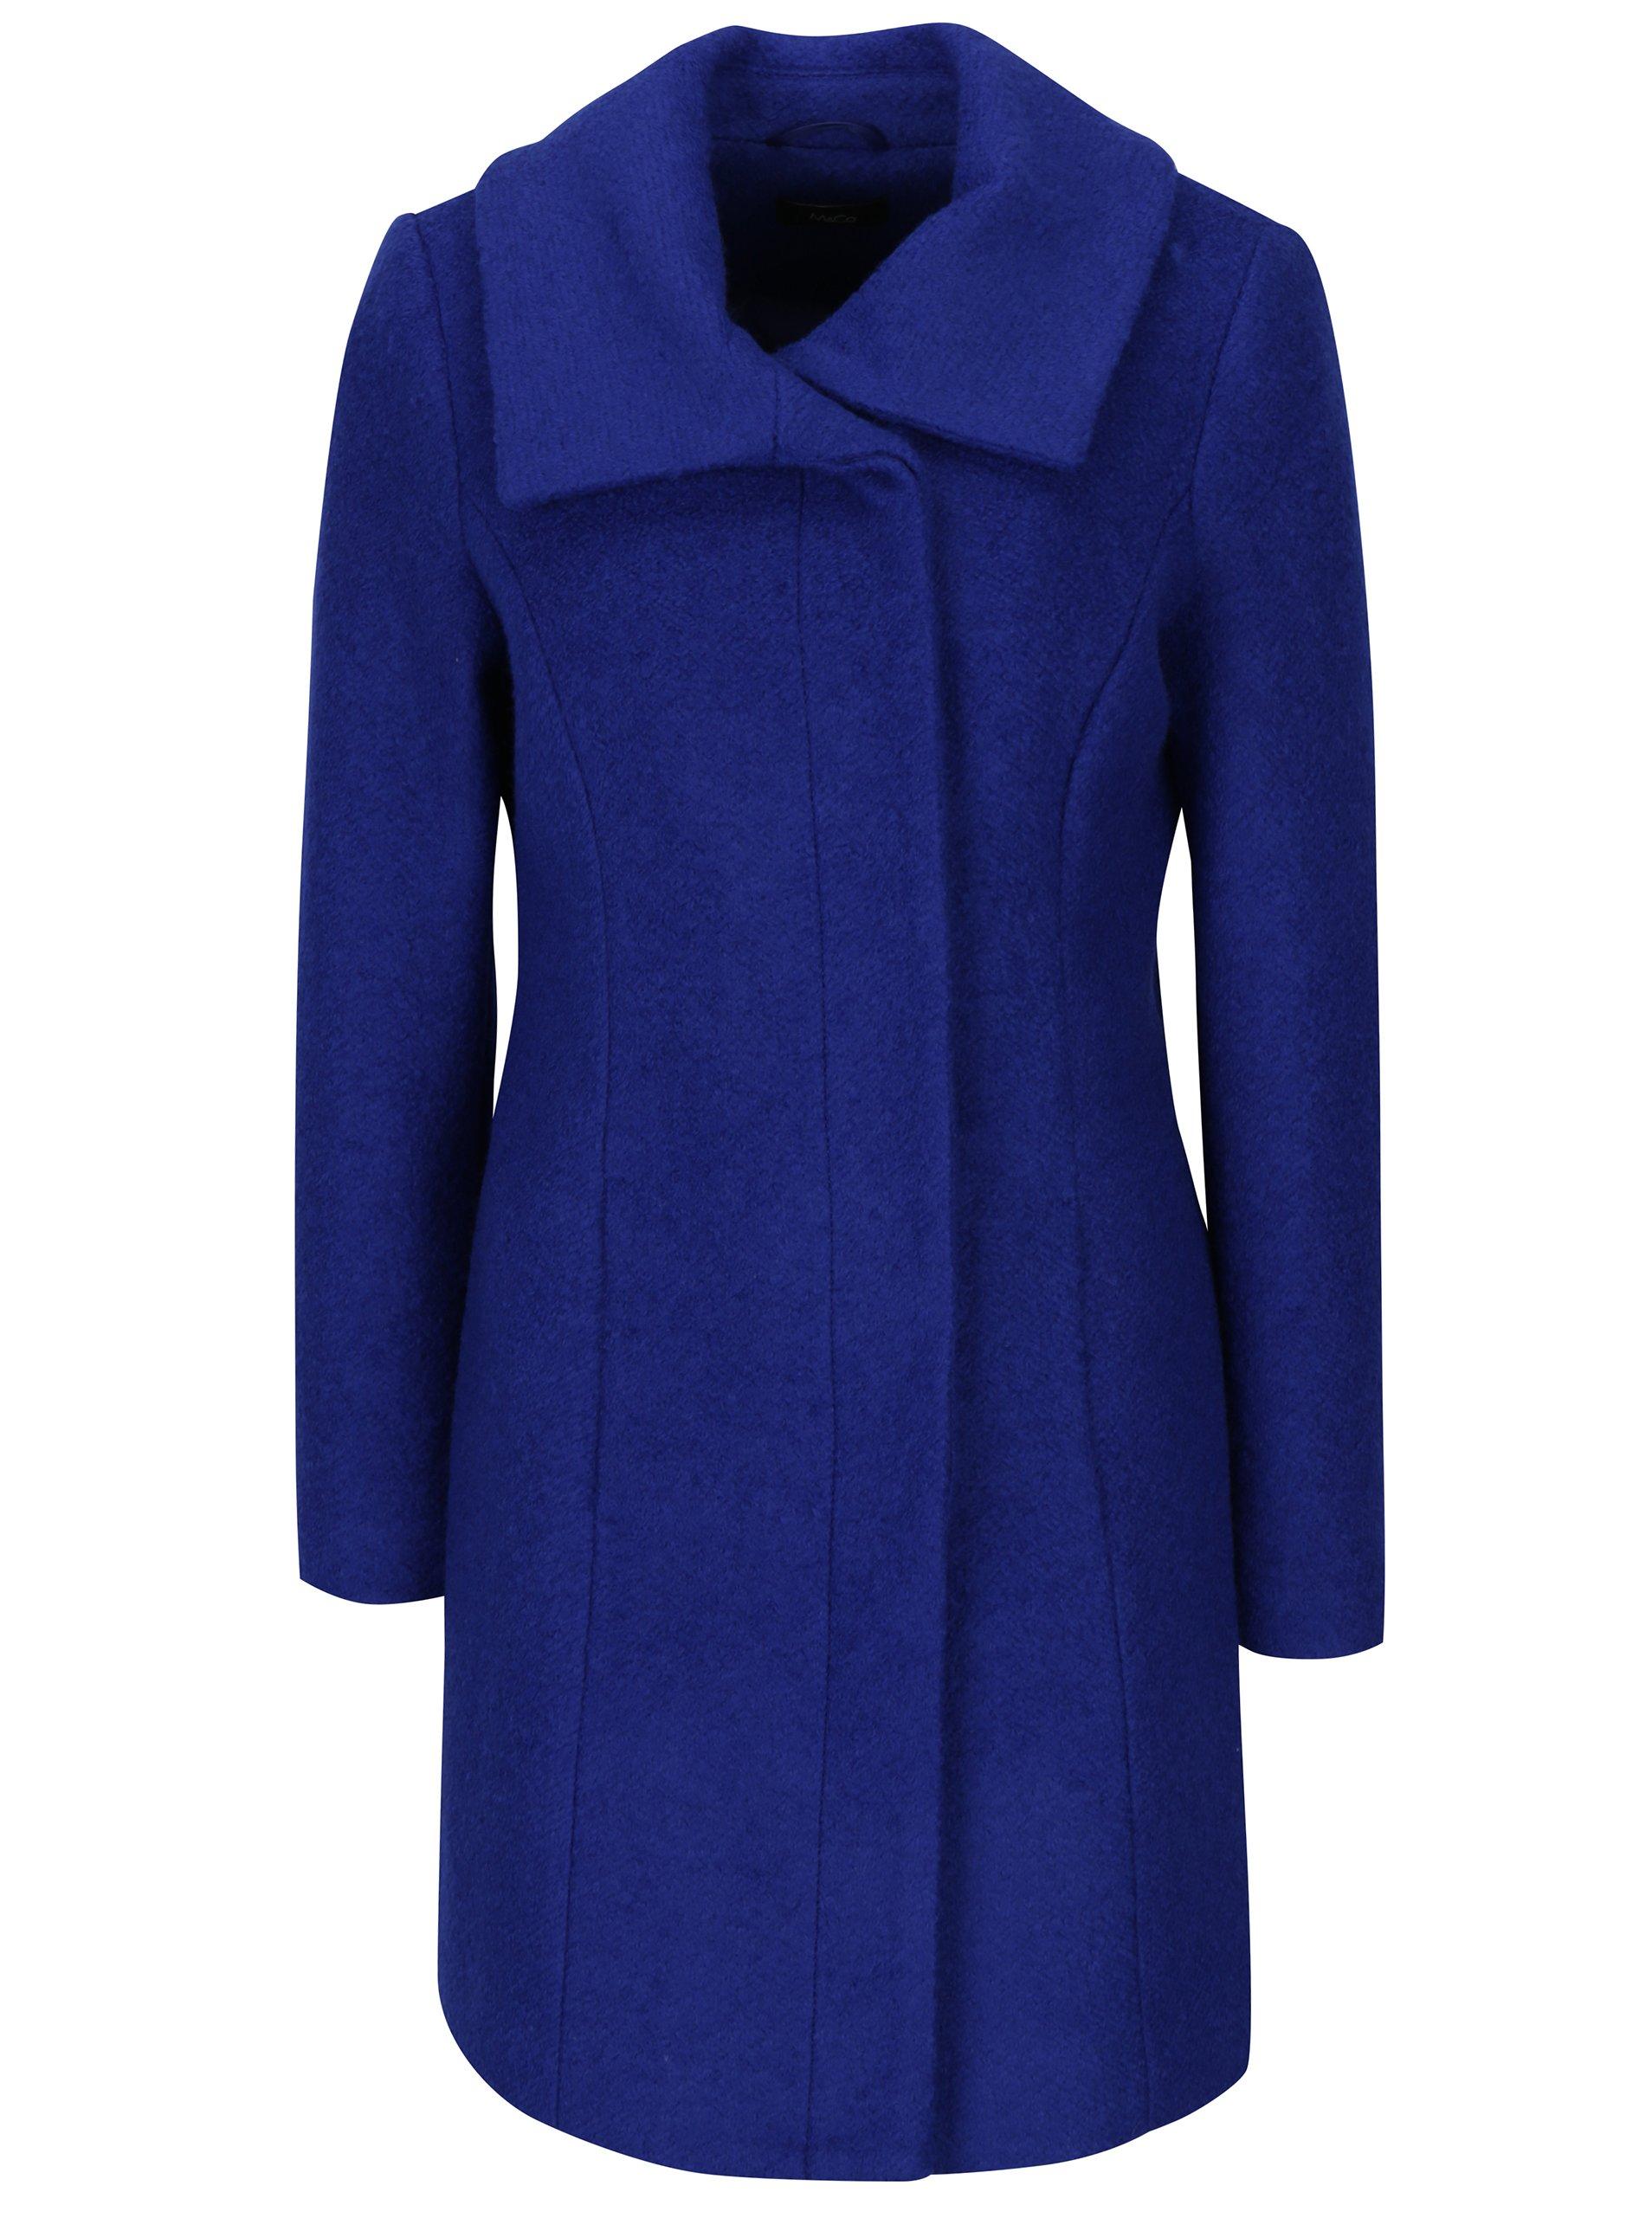 Modrý zimní kabát s příměsí vlny M&Co